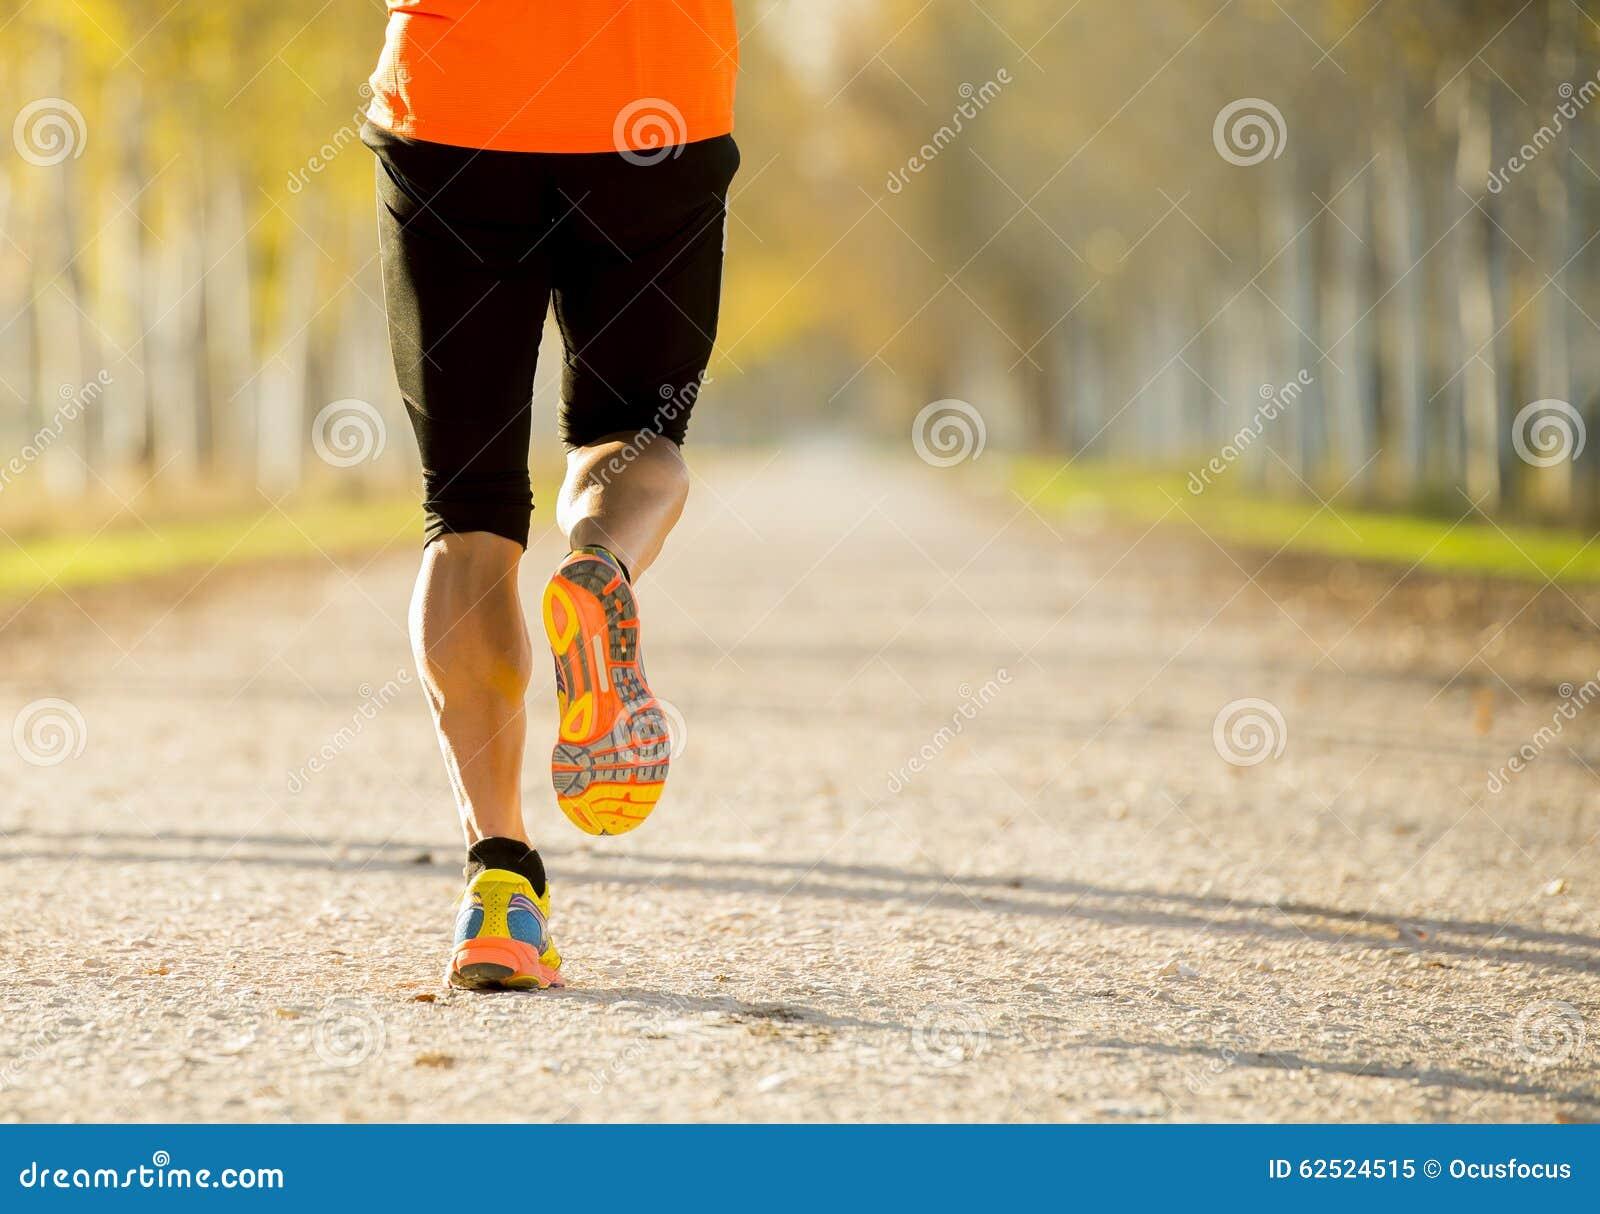 Sportmann mit dem starken Kalbmuskel, der draußen in weg von Straßenspur läuft, rieb mit Bäumen unter schönem Herbstsonnenlicht